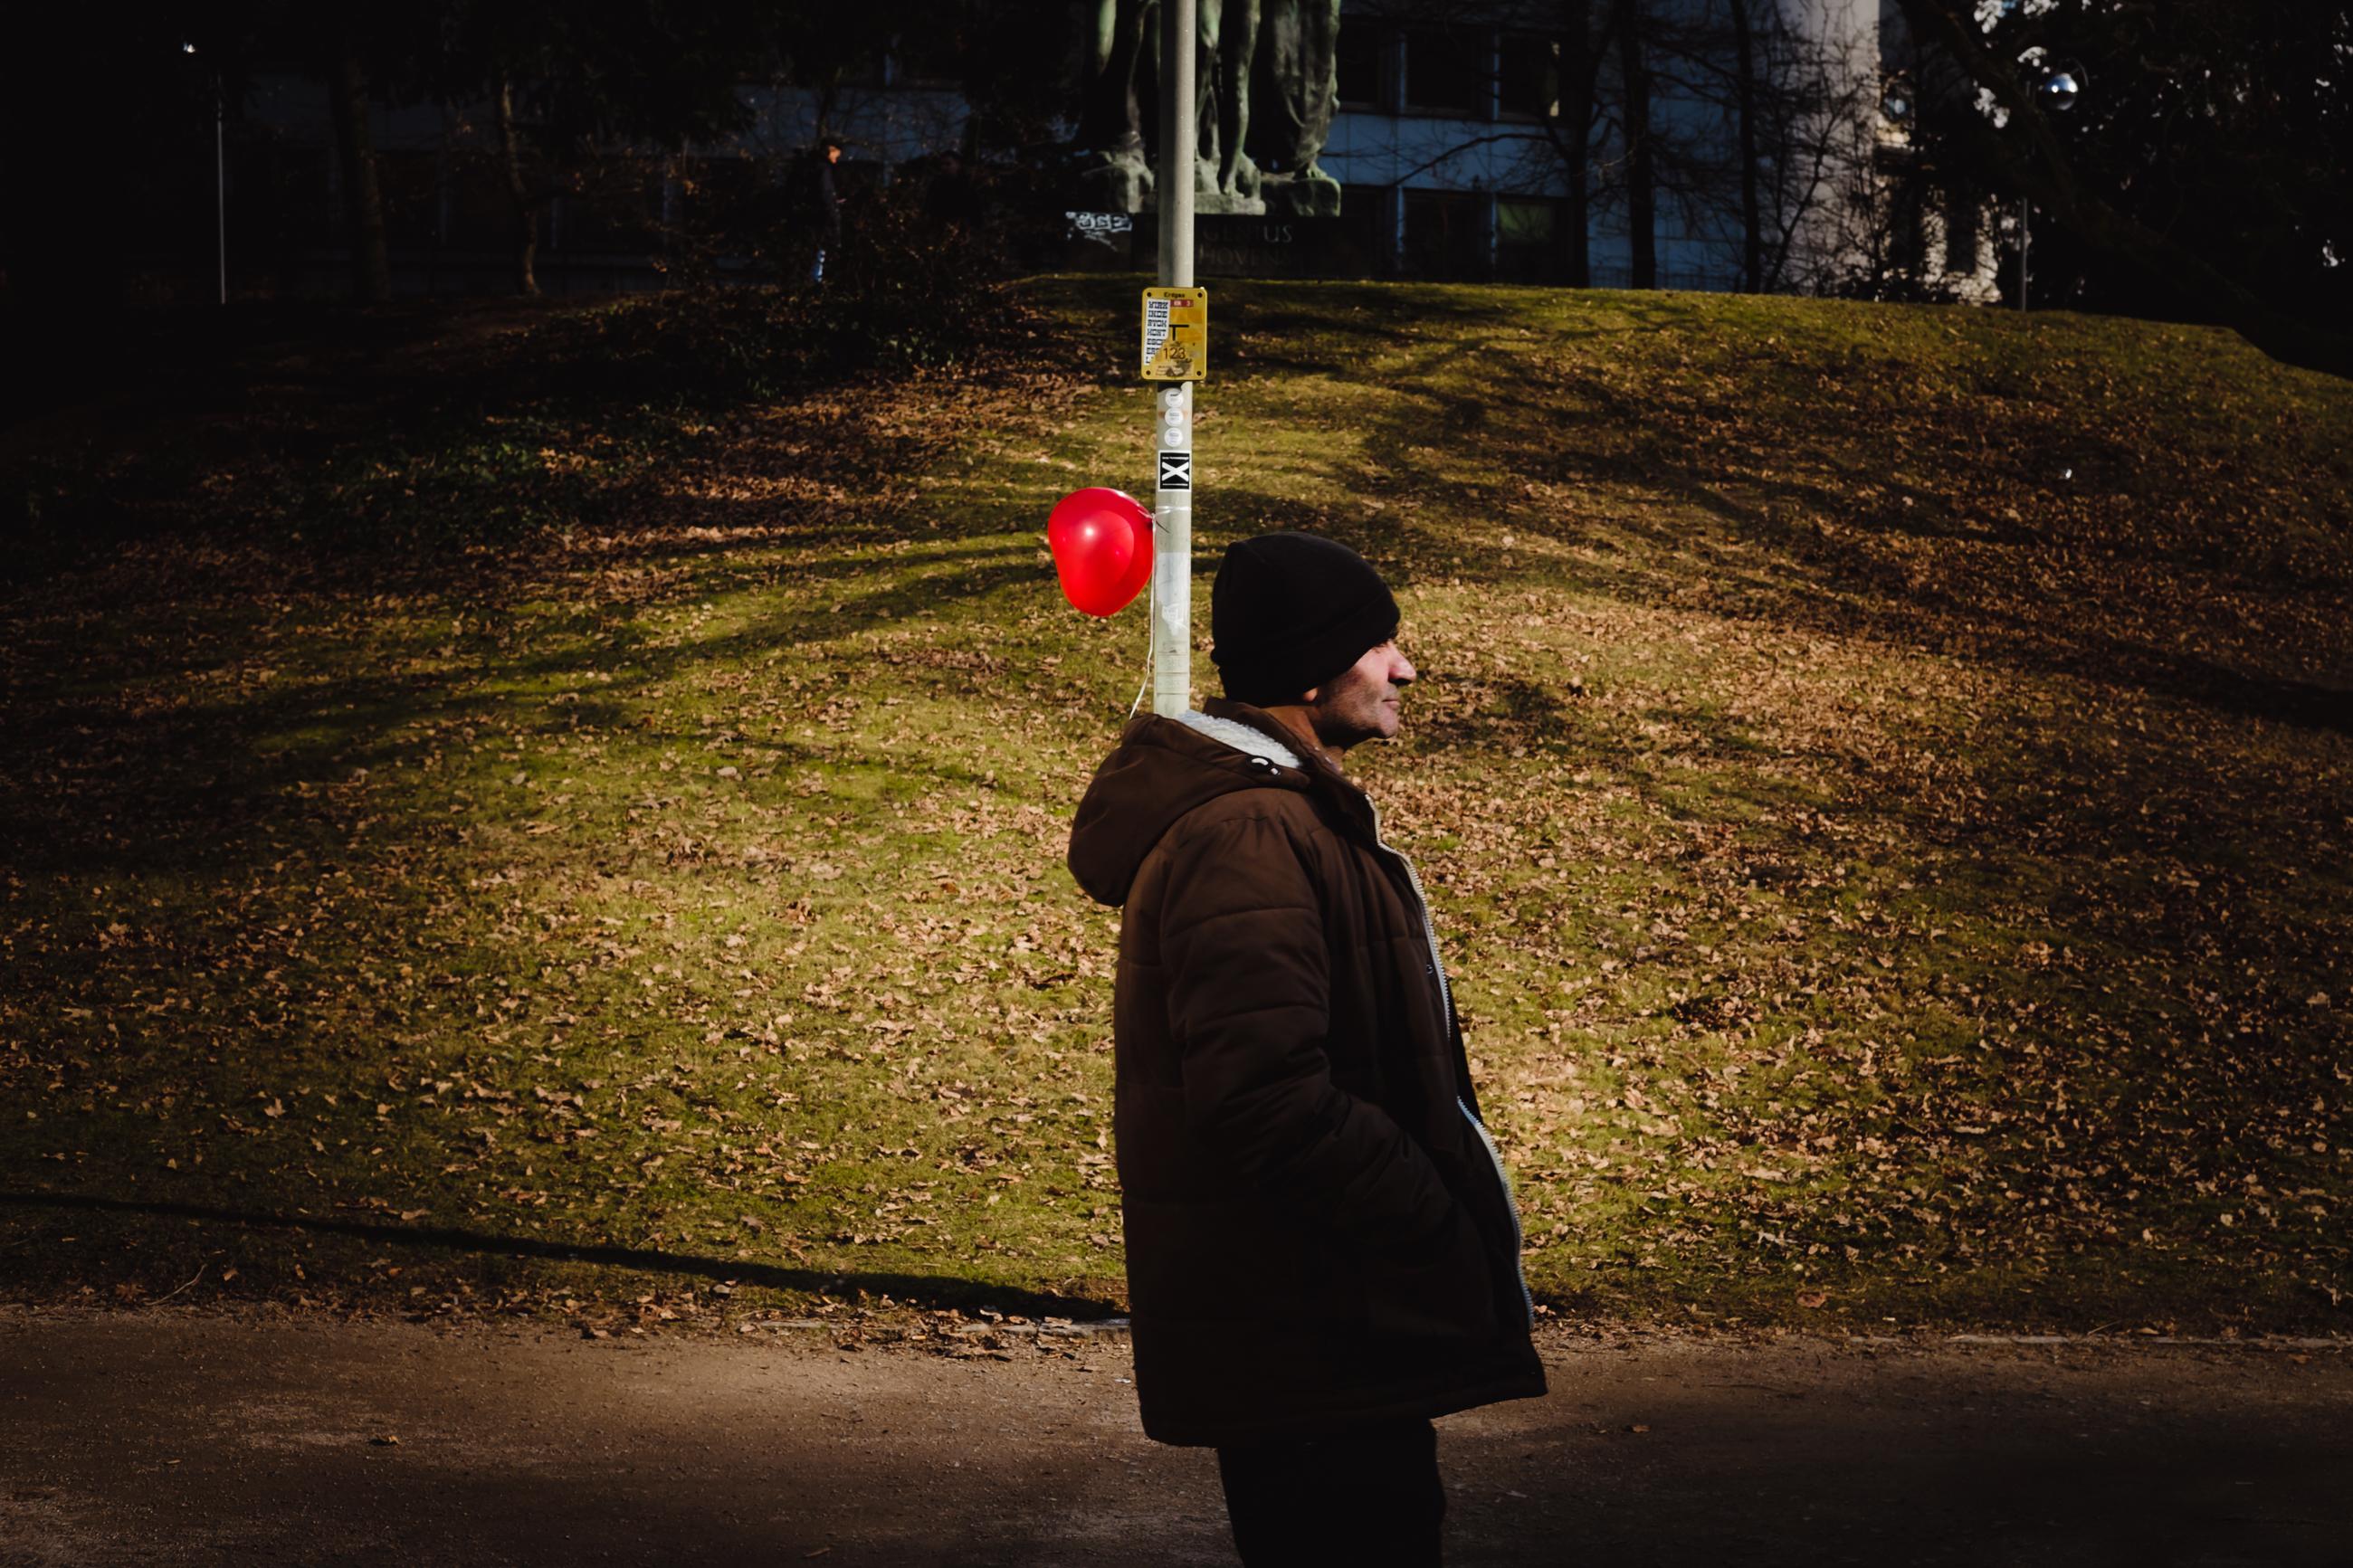 Len Frankfurt hình nền những người menschen đô thị stadt đường phố hình ảnh